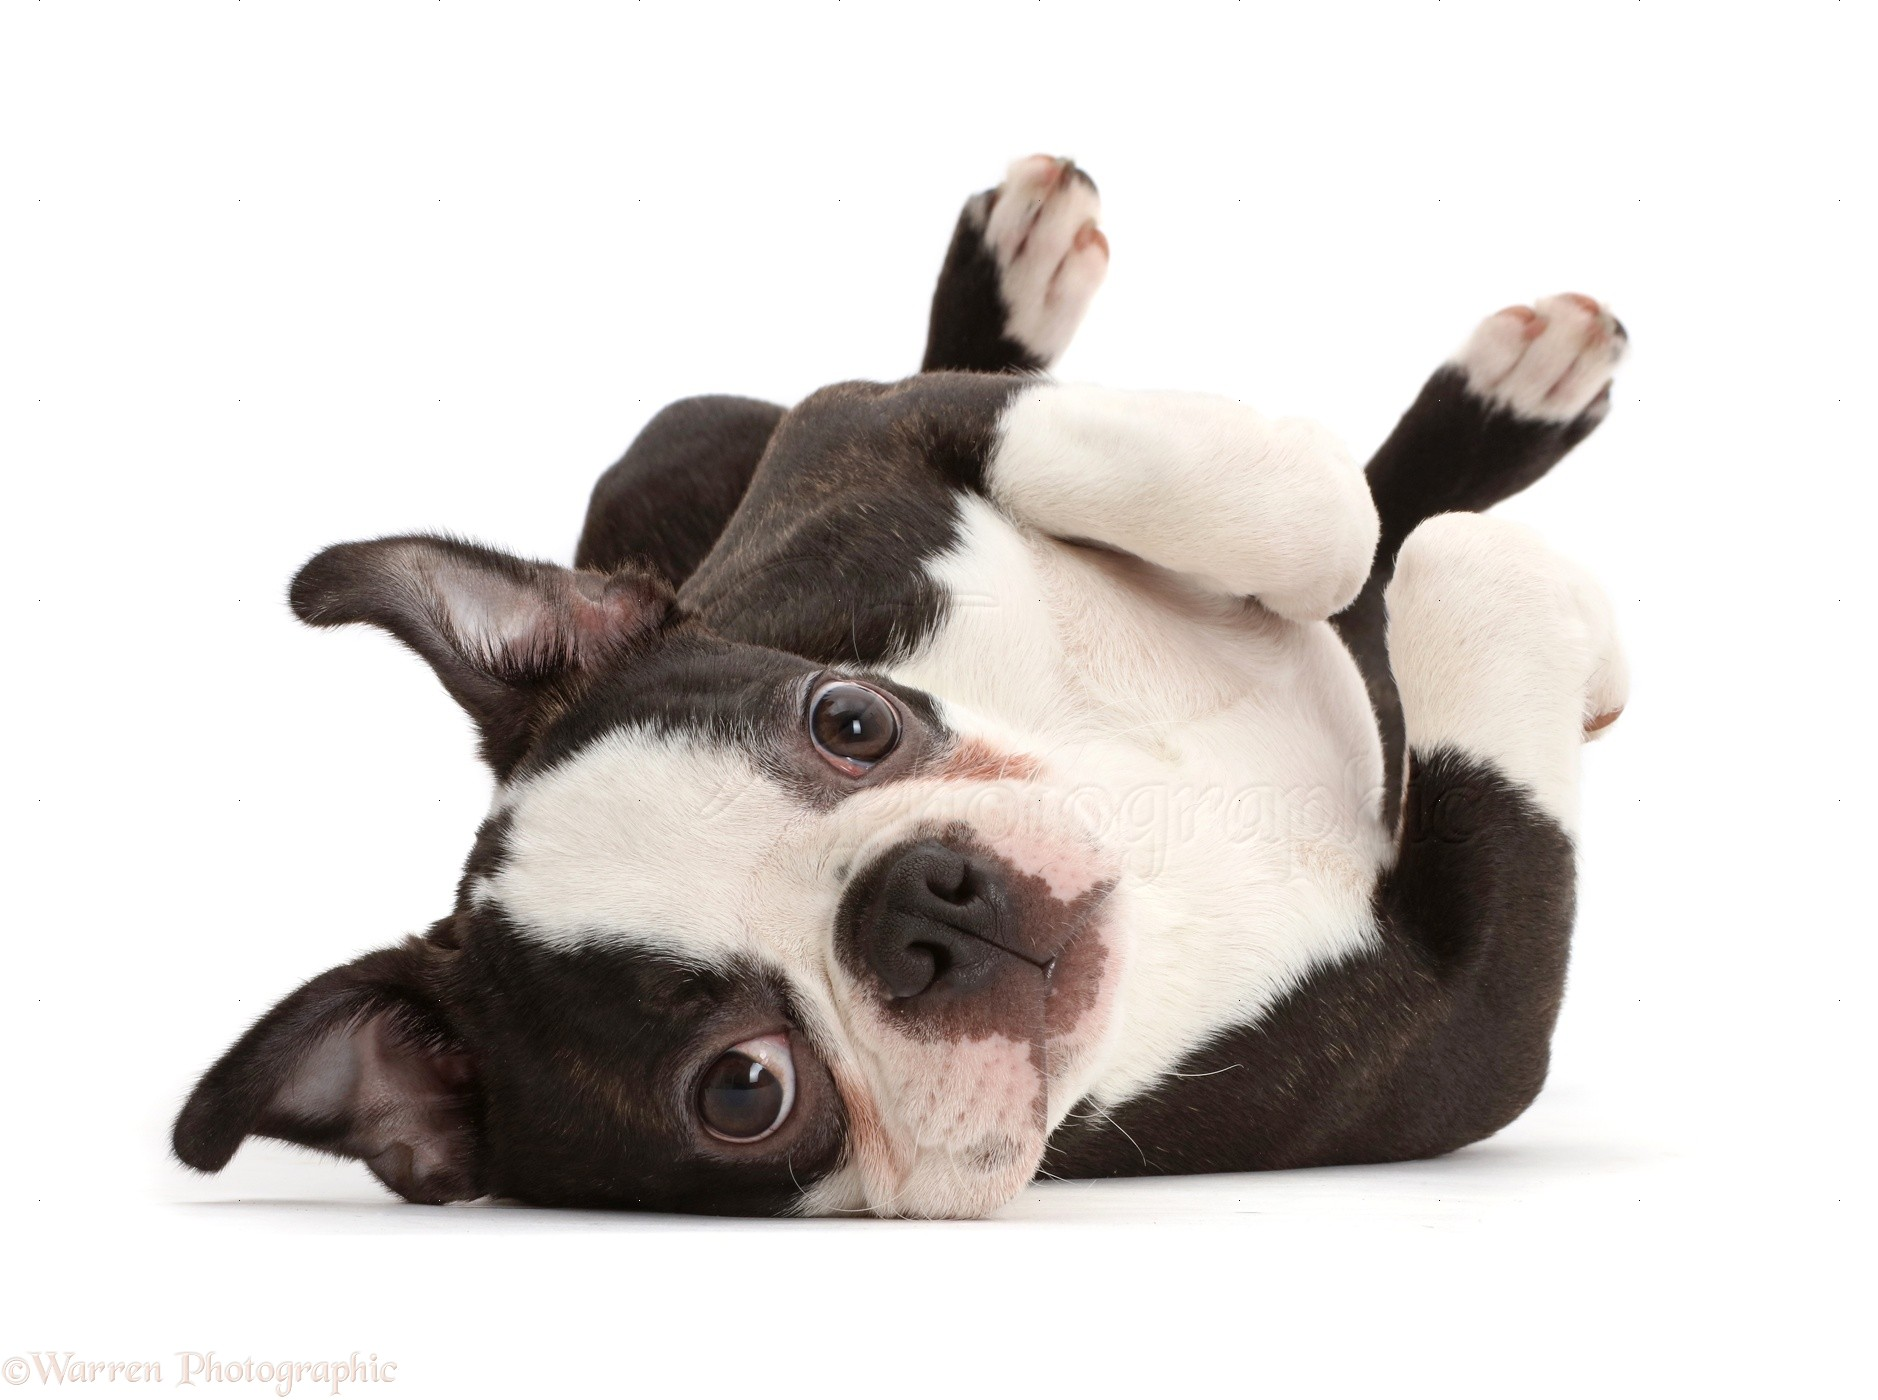 Black dog lying on back - photo#50